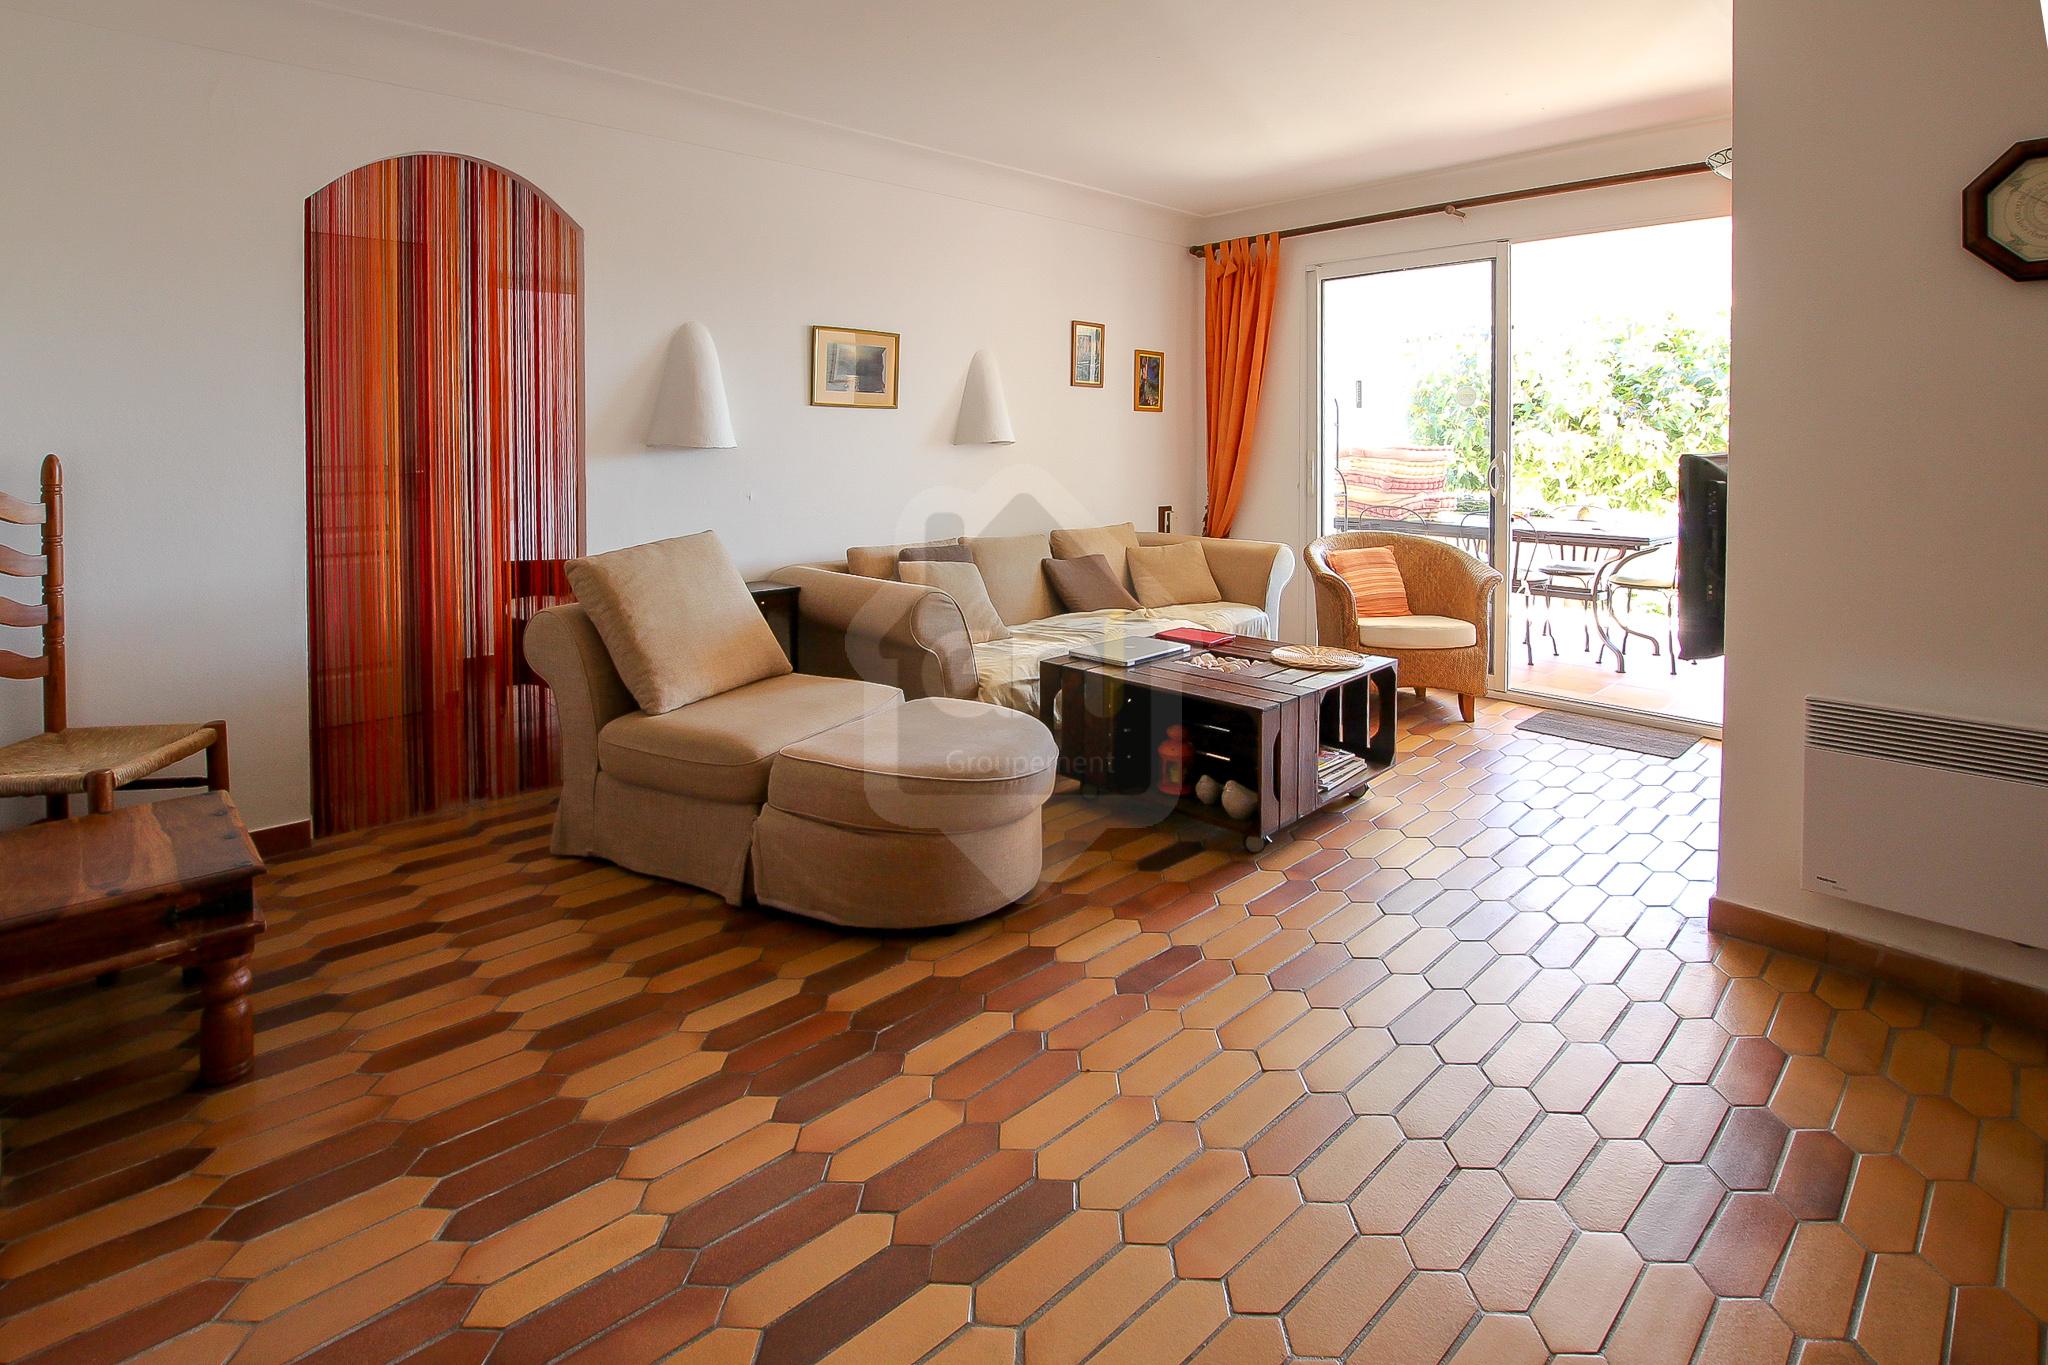 Vente villa T5 vue mer à Porto-Vecchio